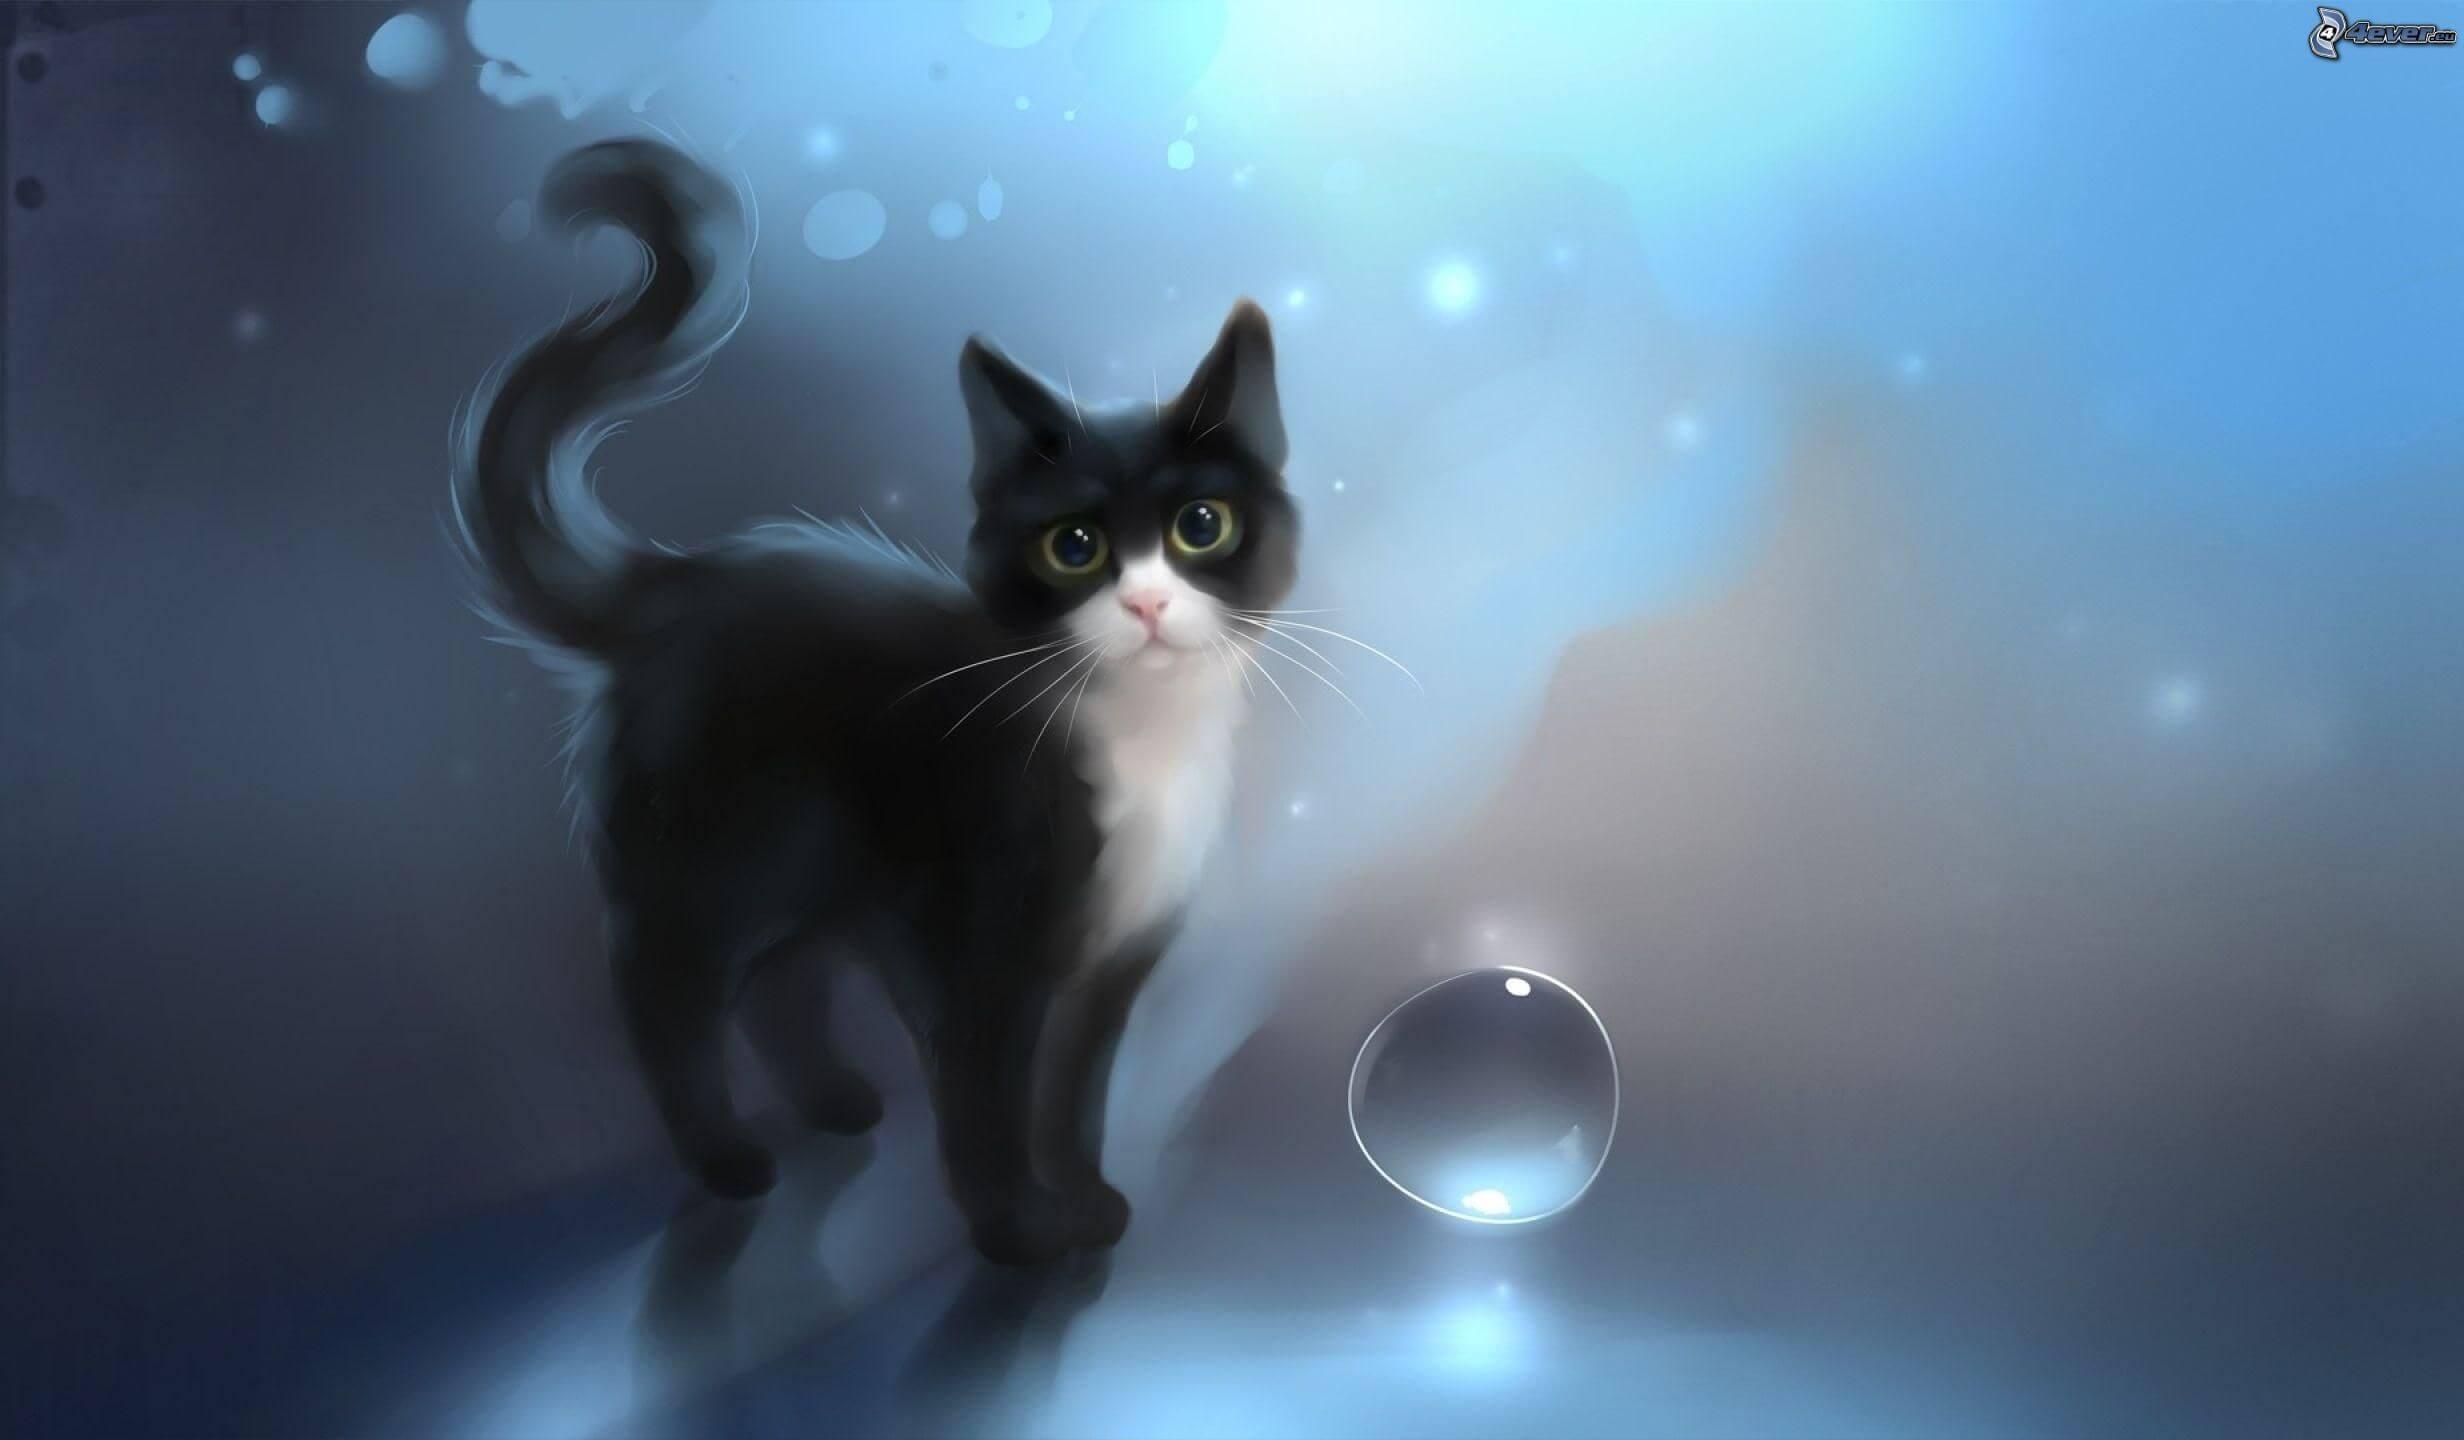 Прикольные и милые арт картинки котиков и кошек - подборка 23